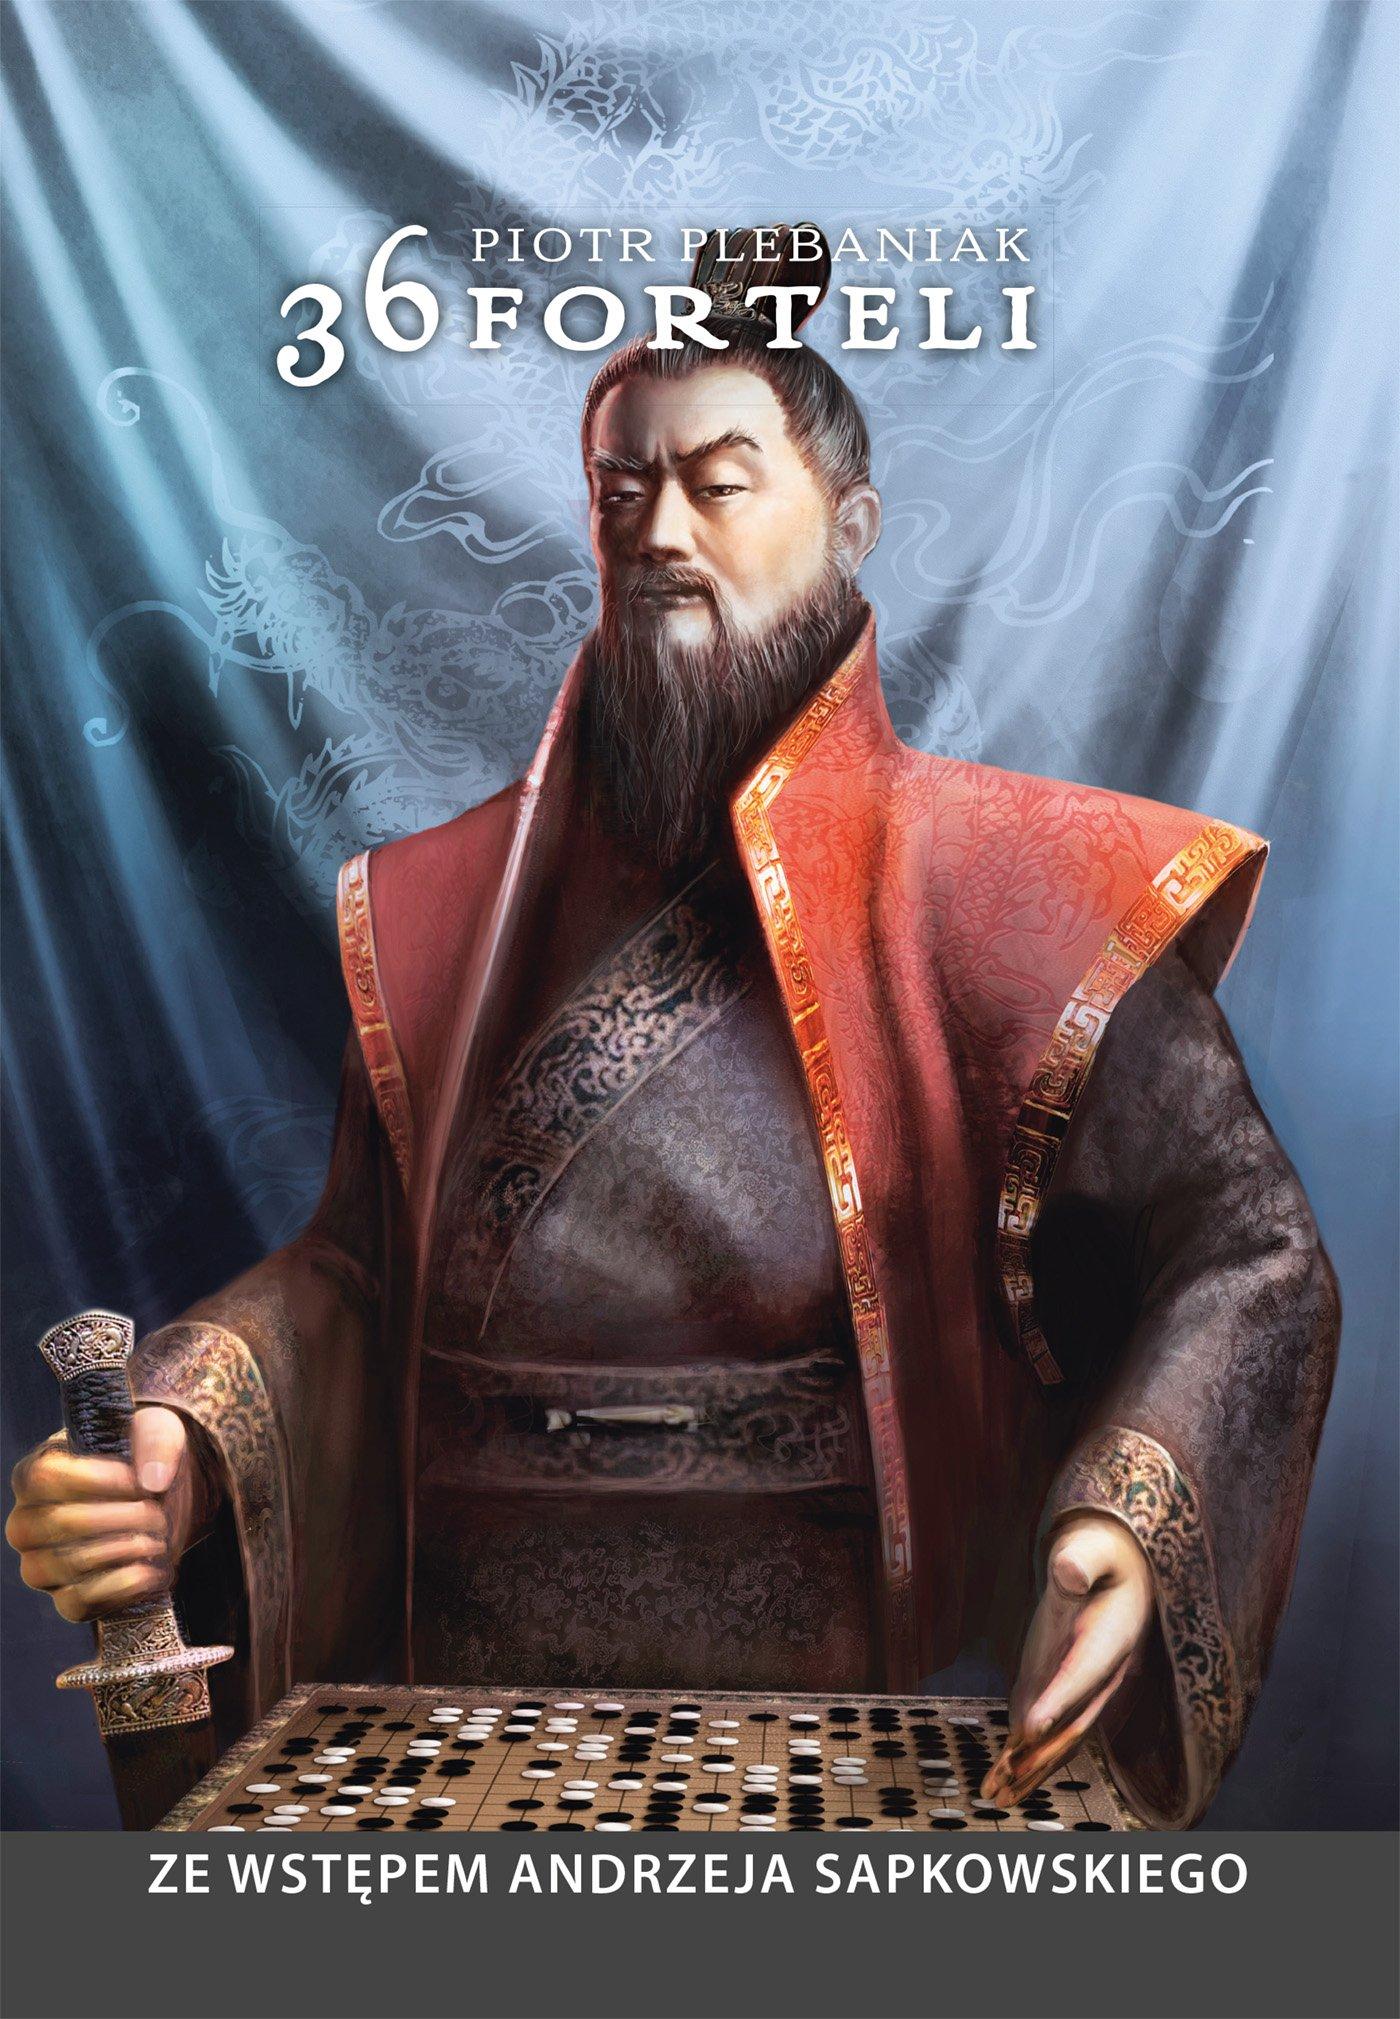 36 forteli. Chińska sztuka podstępu, układania planów  i skutecznego działania - Ebook (Książka na Kindle) do pobrania w formacie MOBI